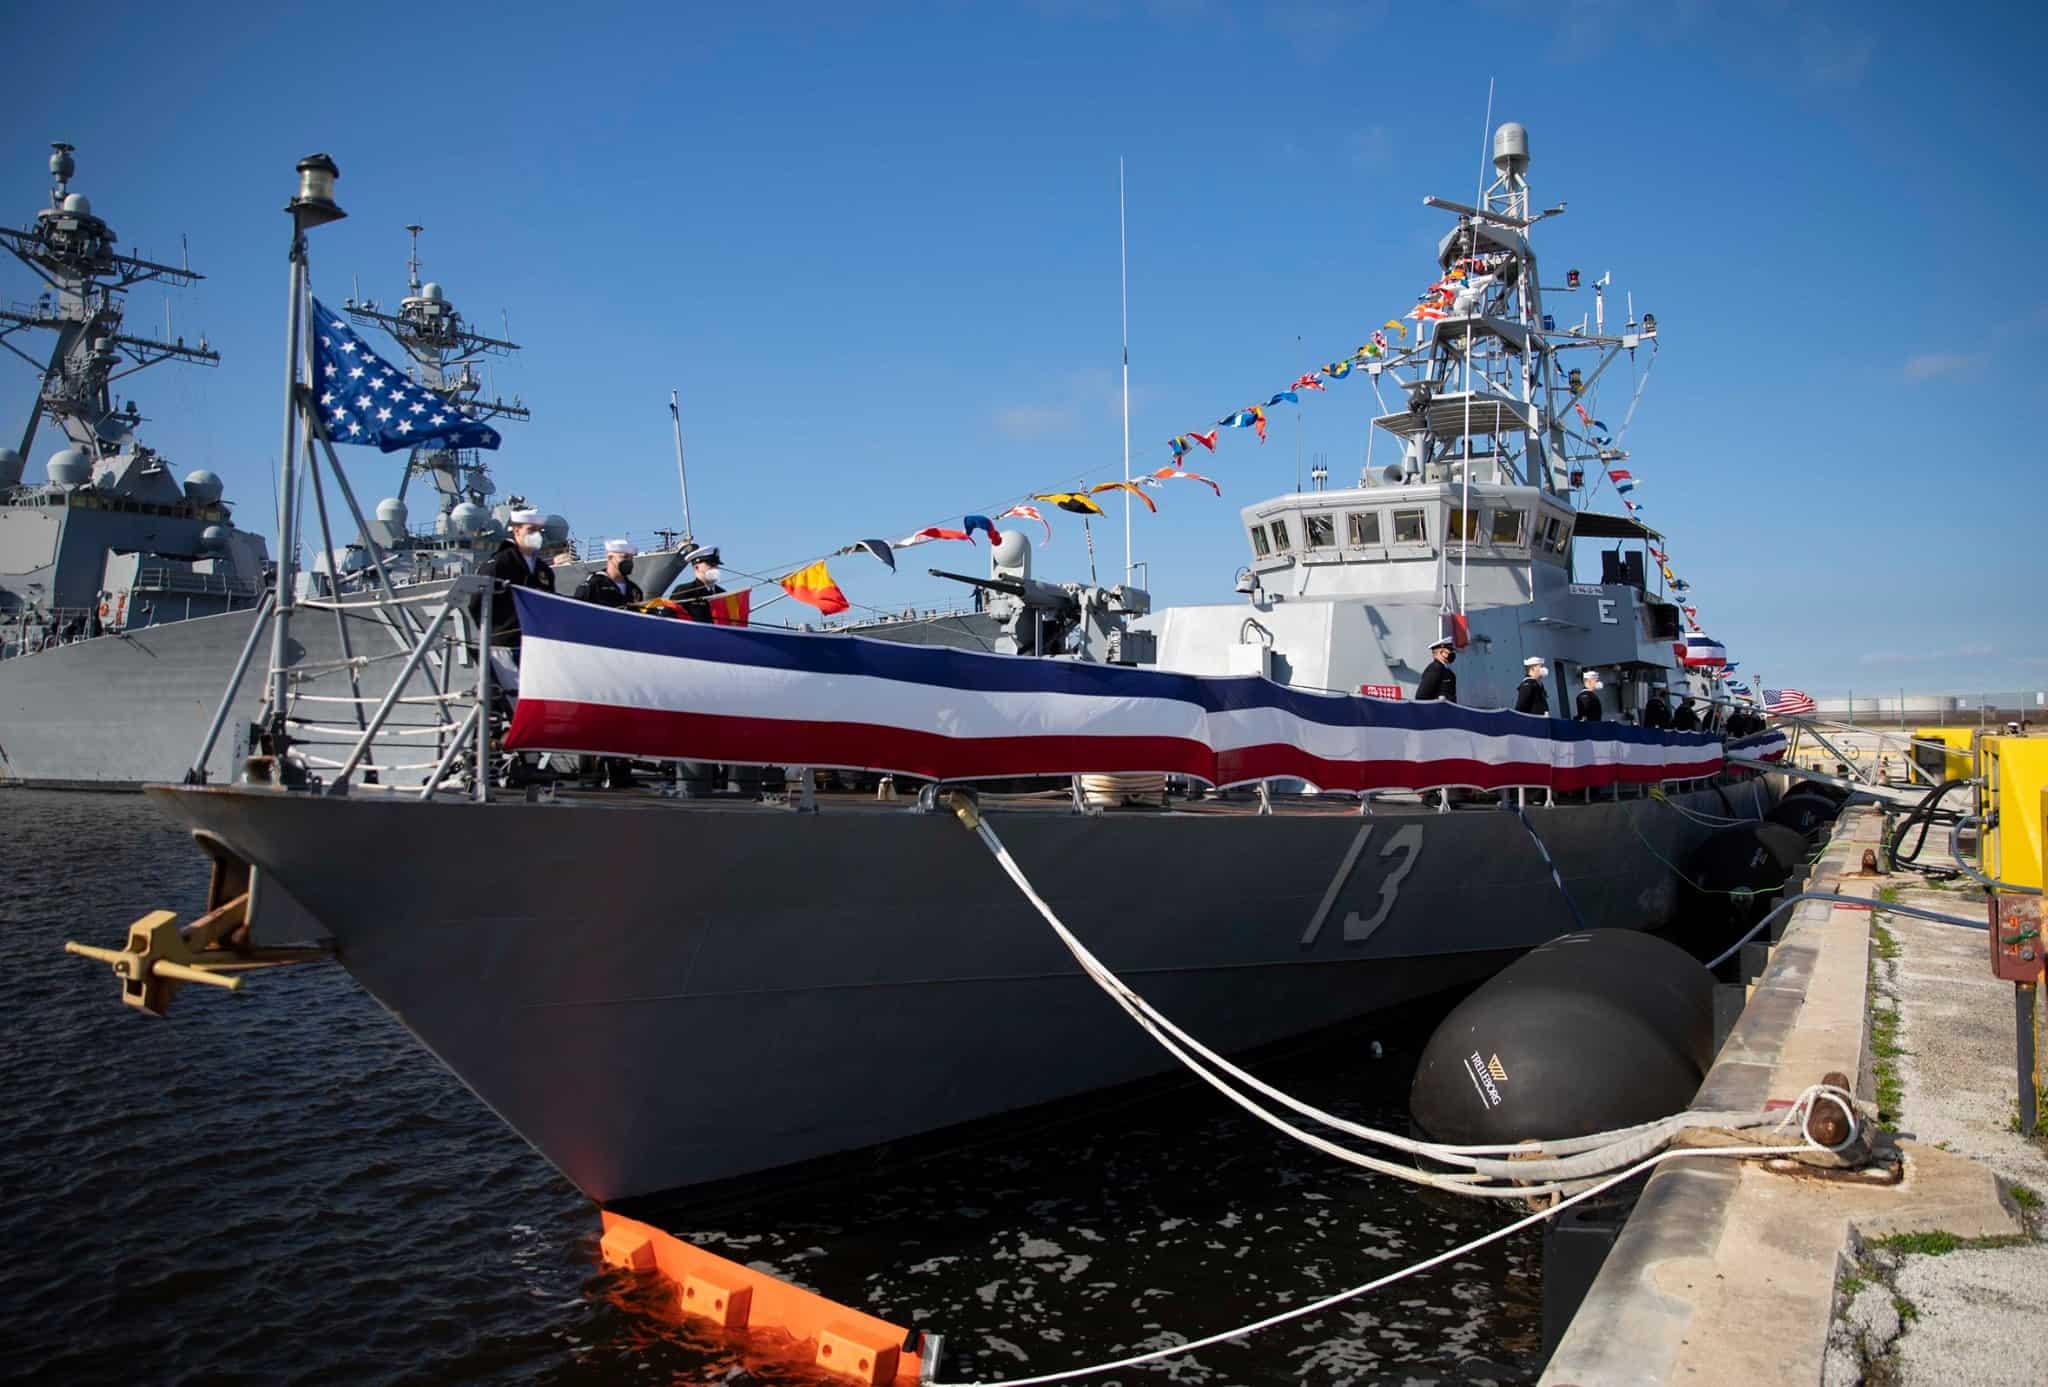 Ракетний катер USS Shamal PC 13) ВМФ США на урочистій церемонії виведення з бойового складу